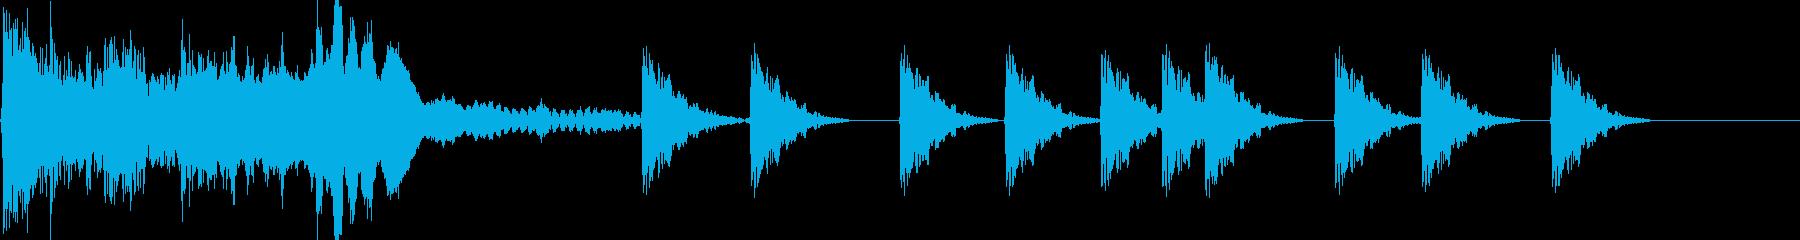 カチャン!ピピピピ(ロックオンする音)の再生済みの波形